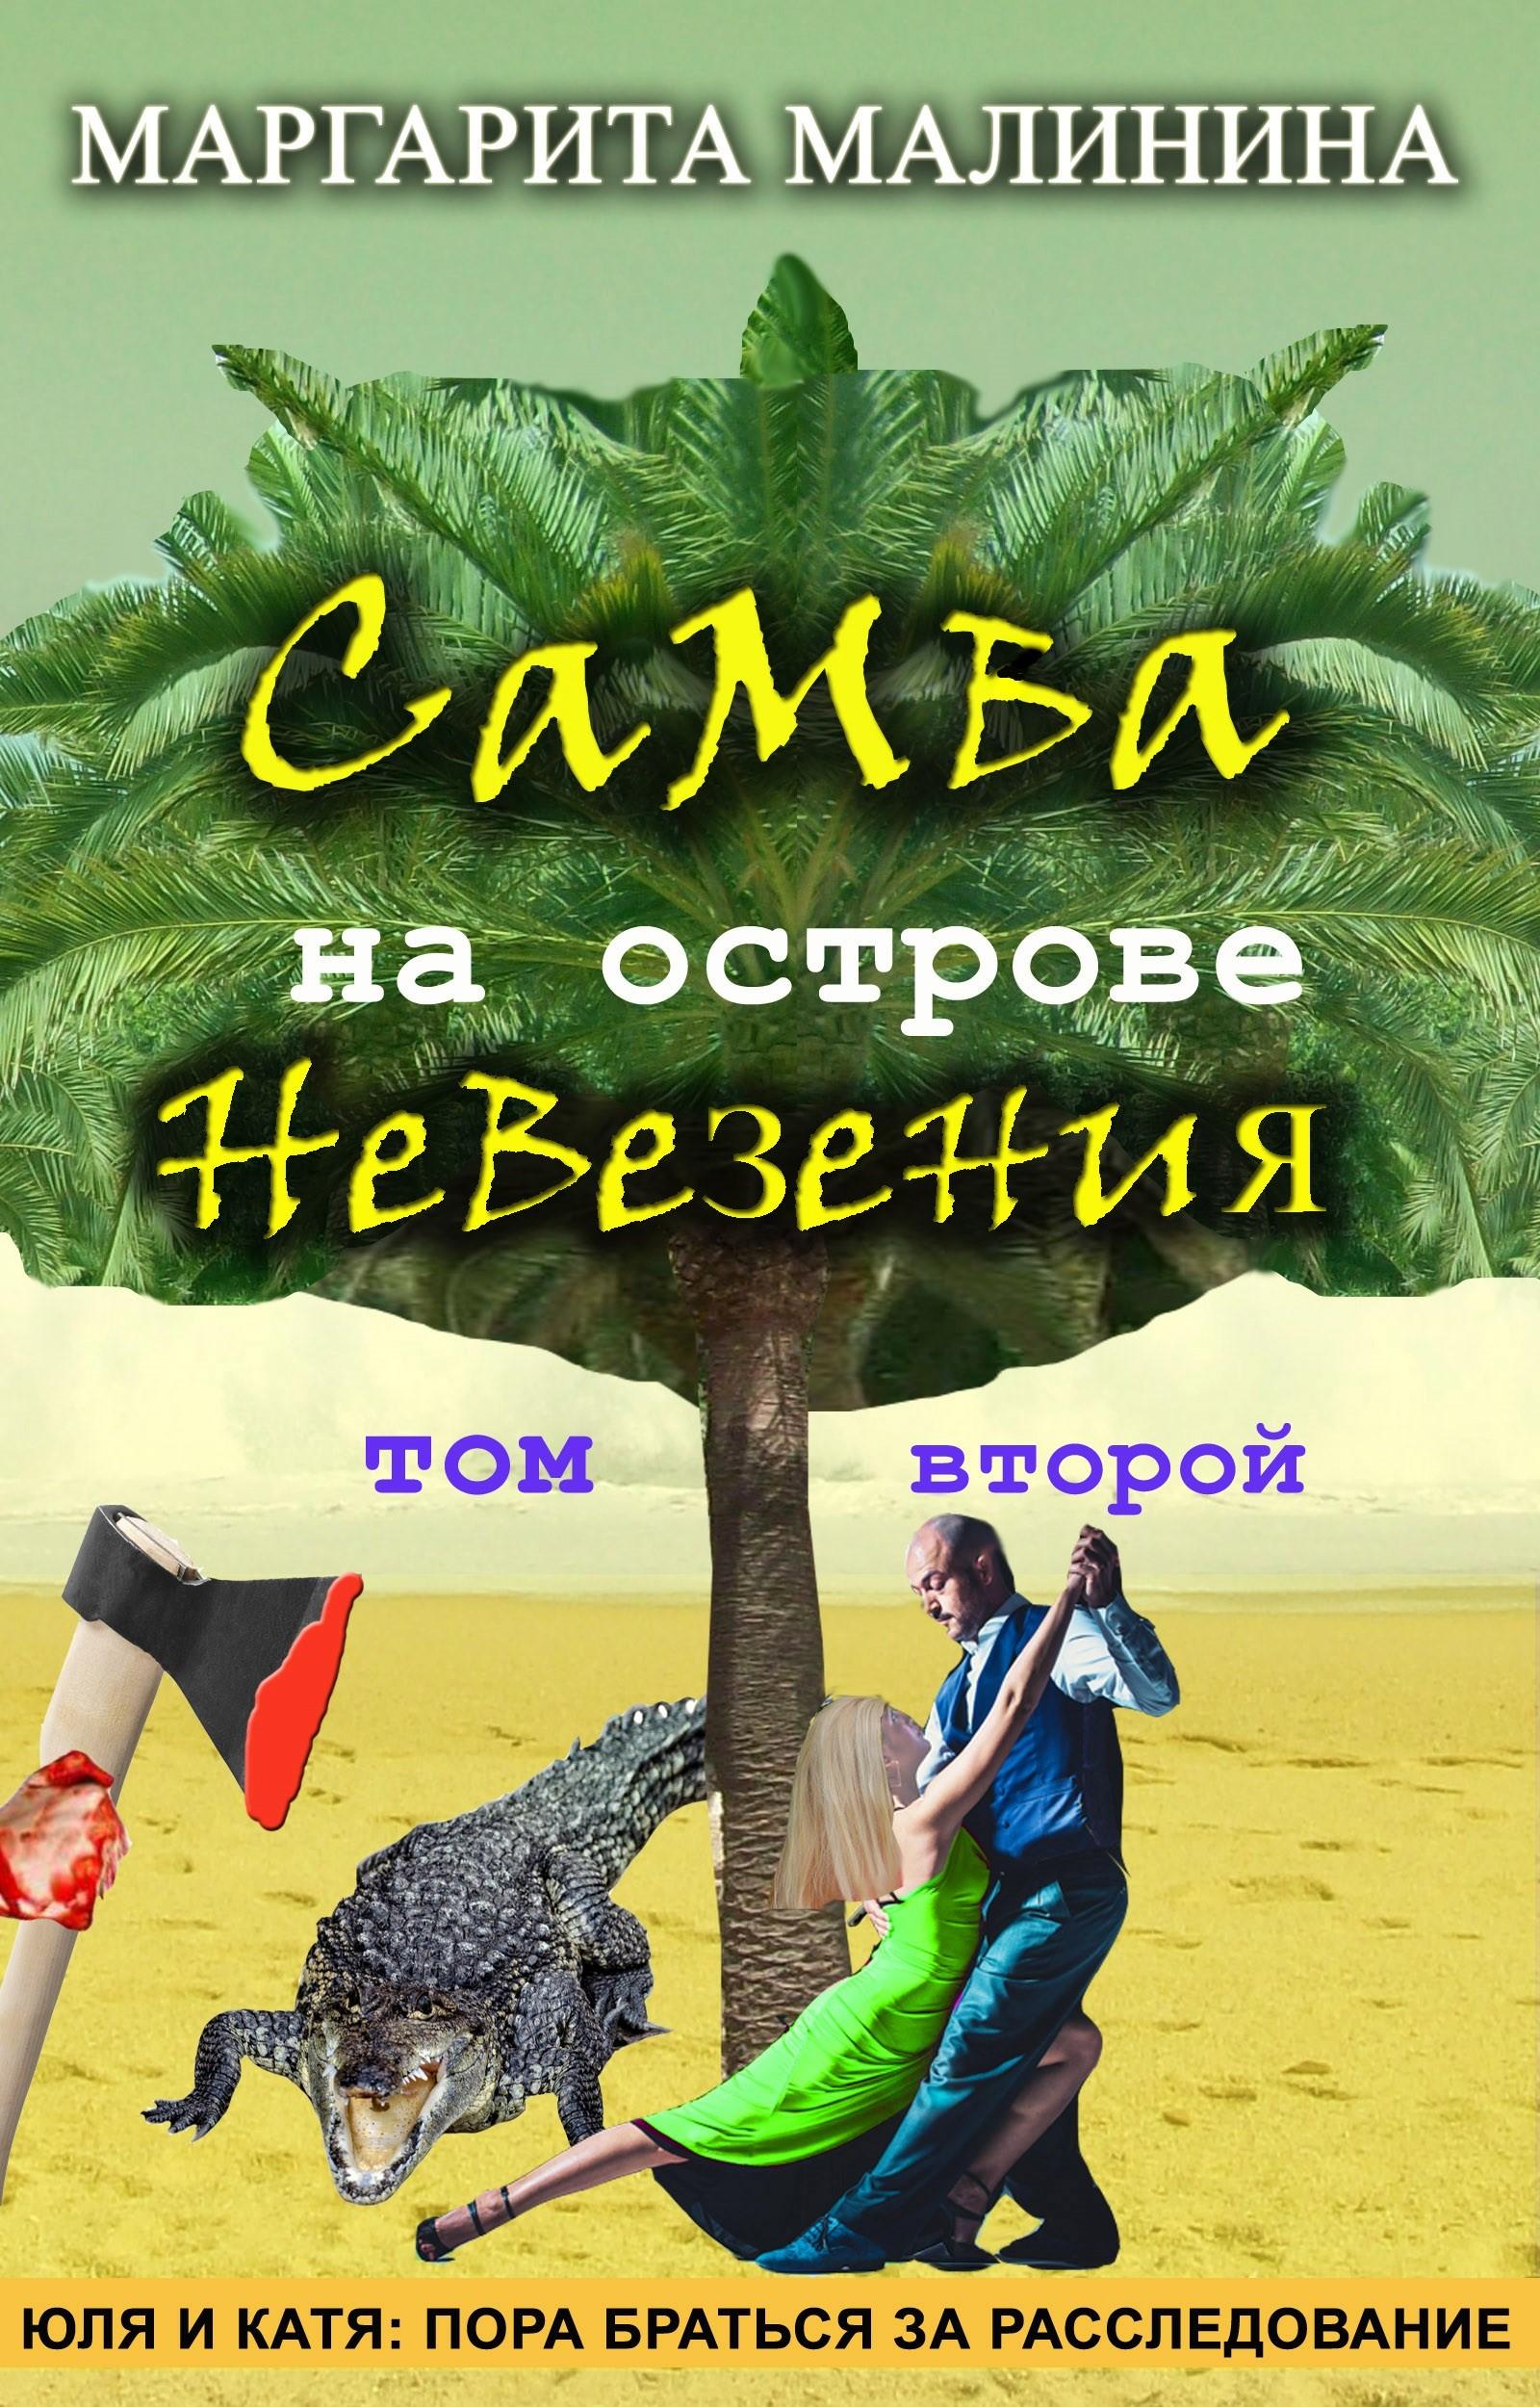 Купить книгу Самба на острове невезения. Том 2. Разоблачение Шутника, автора Маргариты Малининой